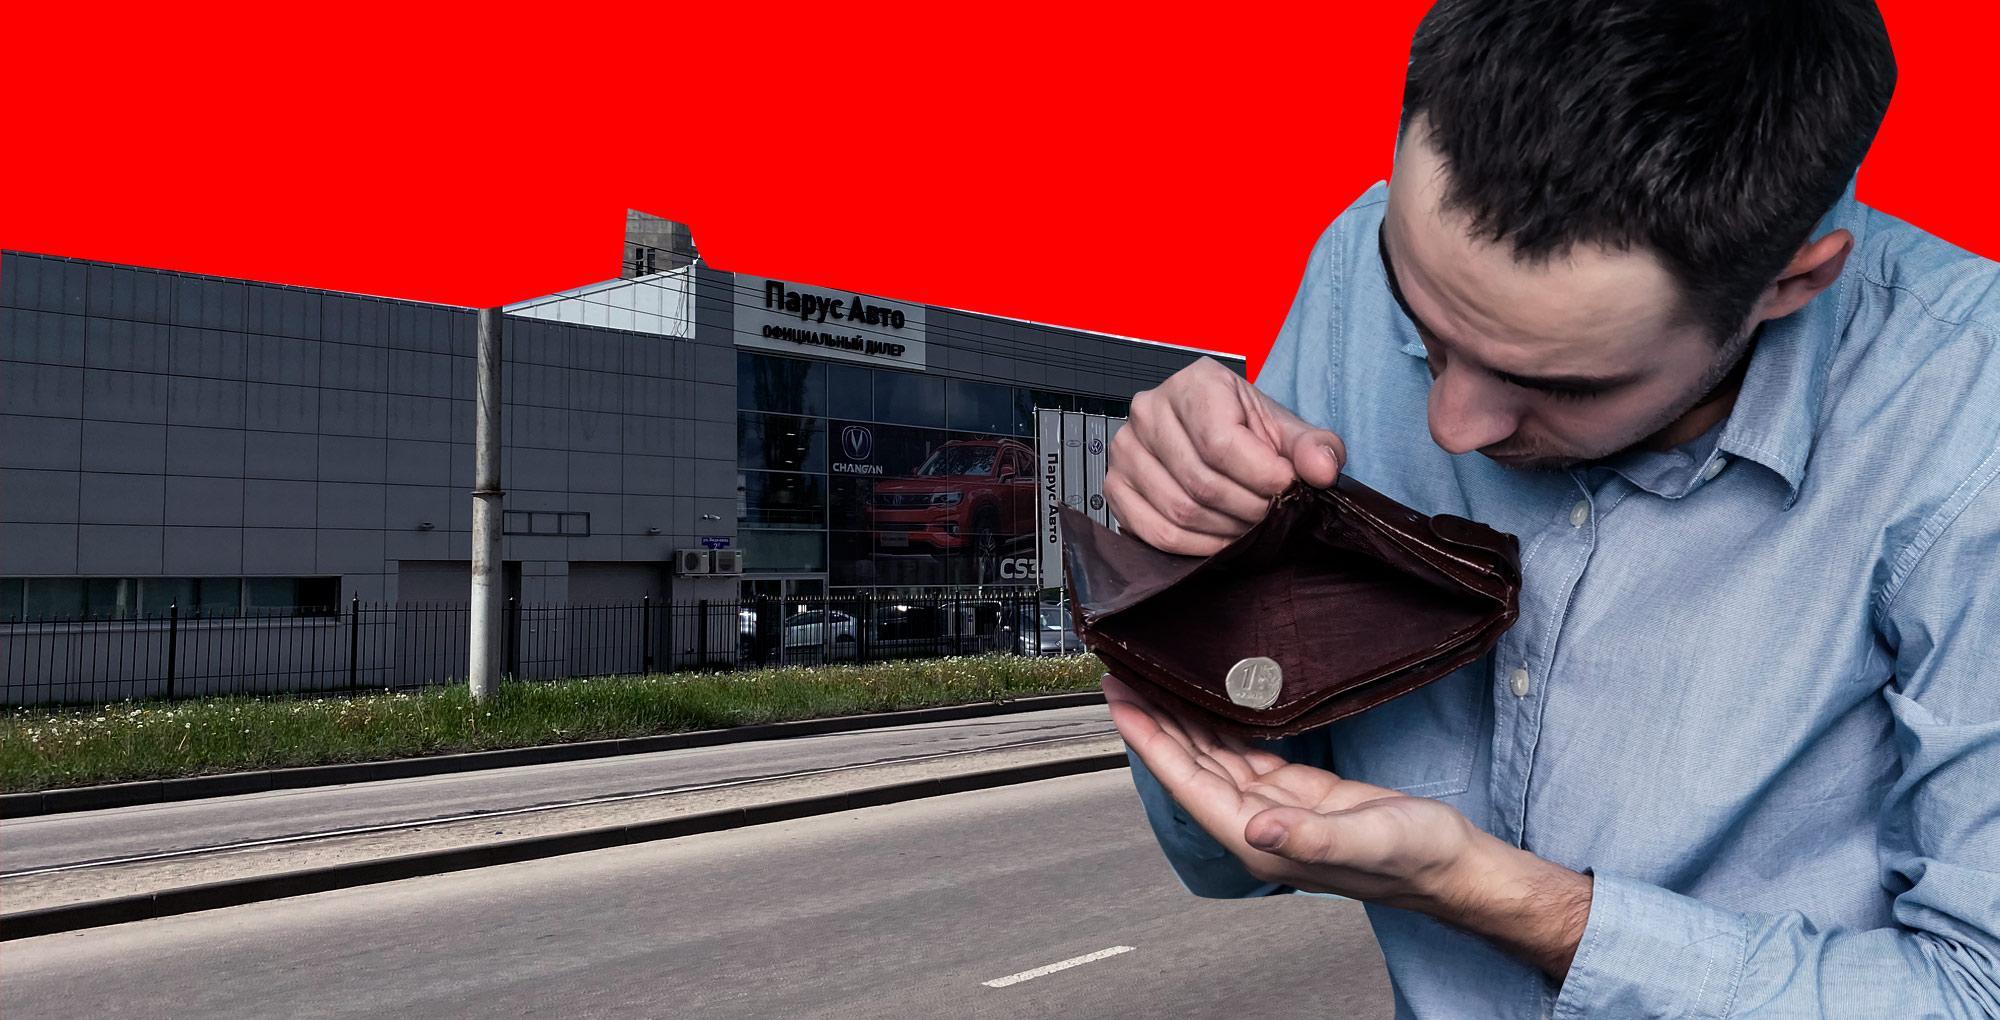 Долги на колёсах. Клиентов автосалона в Липецке загоняют в кредиты под видом 'выгоды'?